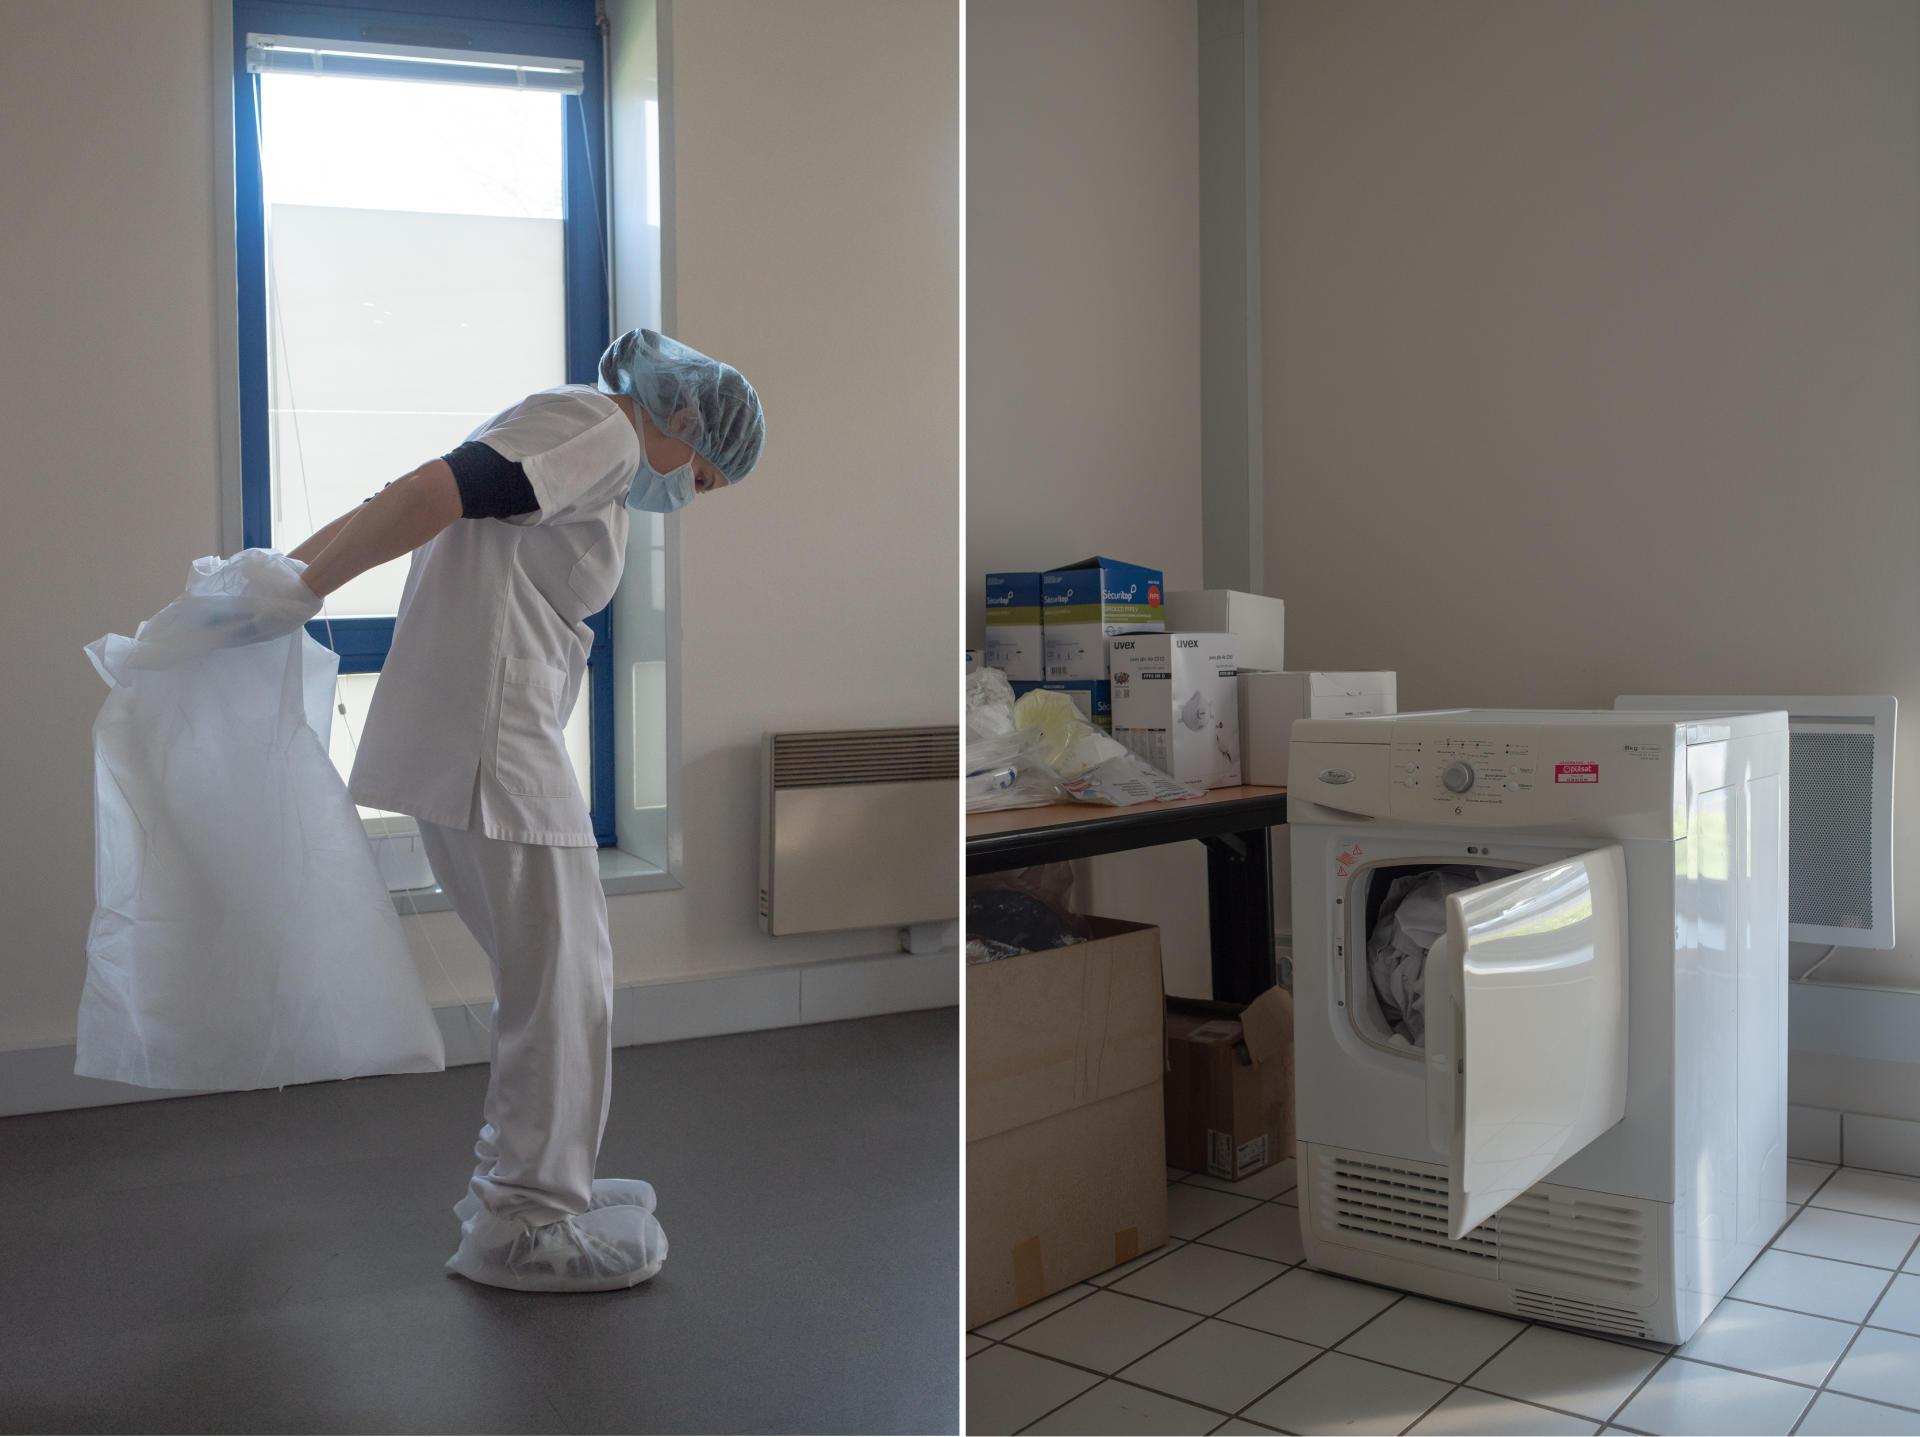 Anne-Cécile Bernicot retire sa tenue de consultation en faisant attention à ne pas faire d'erreur de contamination. Après lavage, les vêtements seront mis dans un sèche-linge donné par le magasin d'électroménager de Saint-Renan– Saint-Renan, le 27 mars.